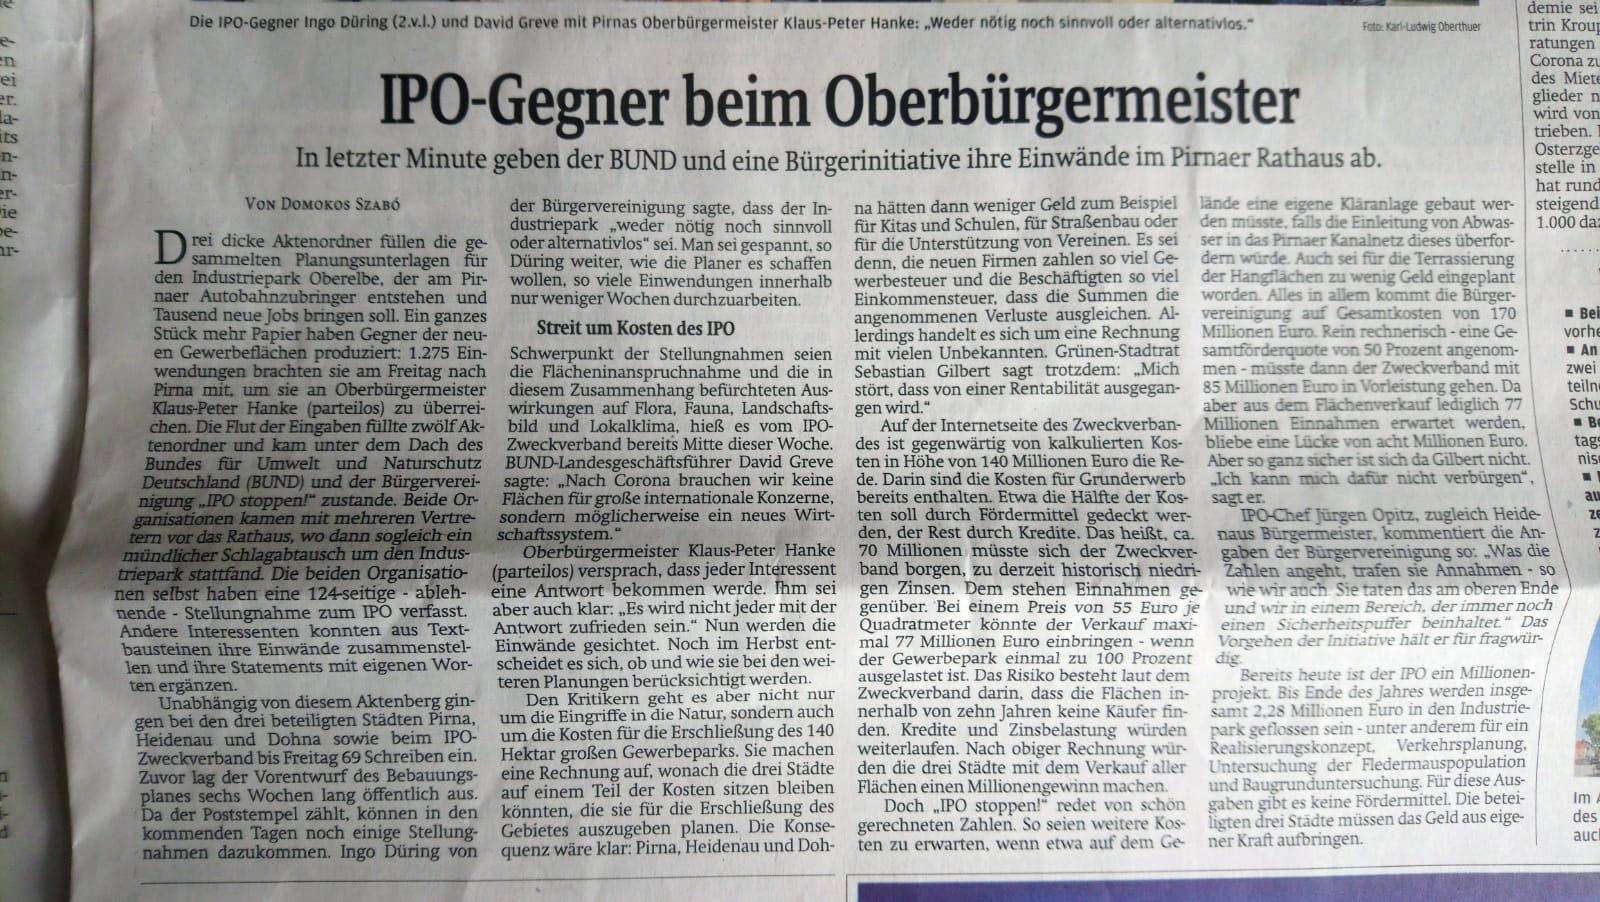 IPOstoppen - Zeitung 03